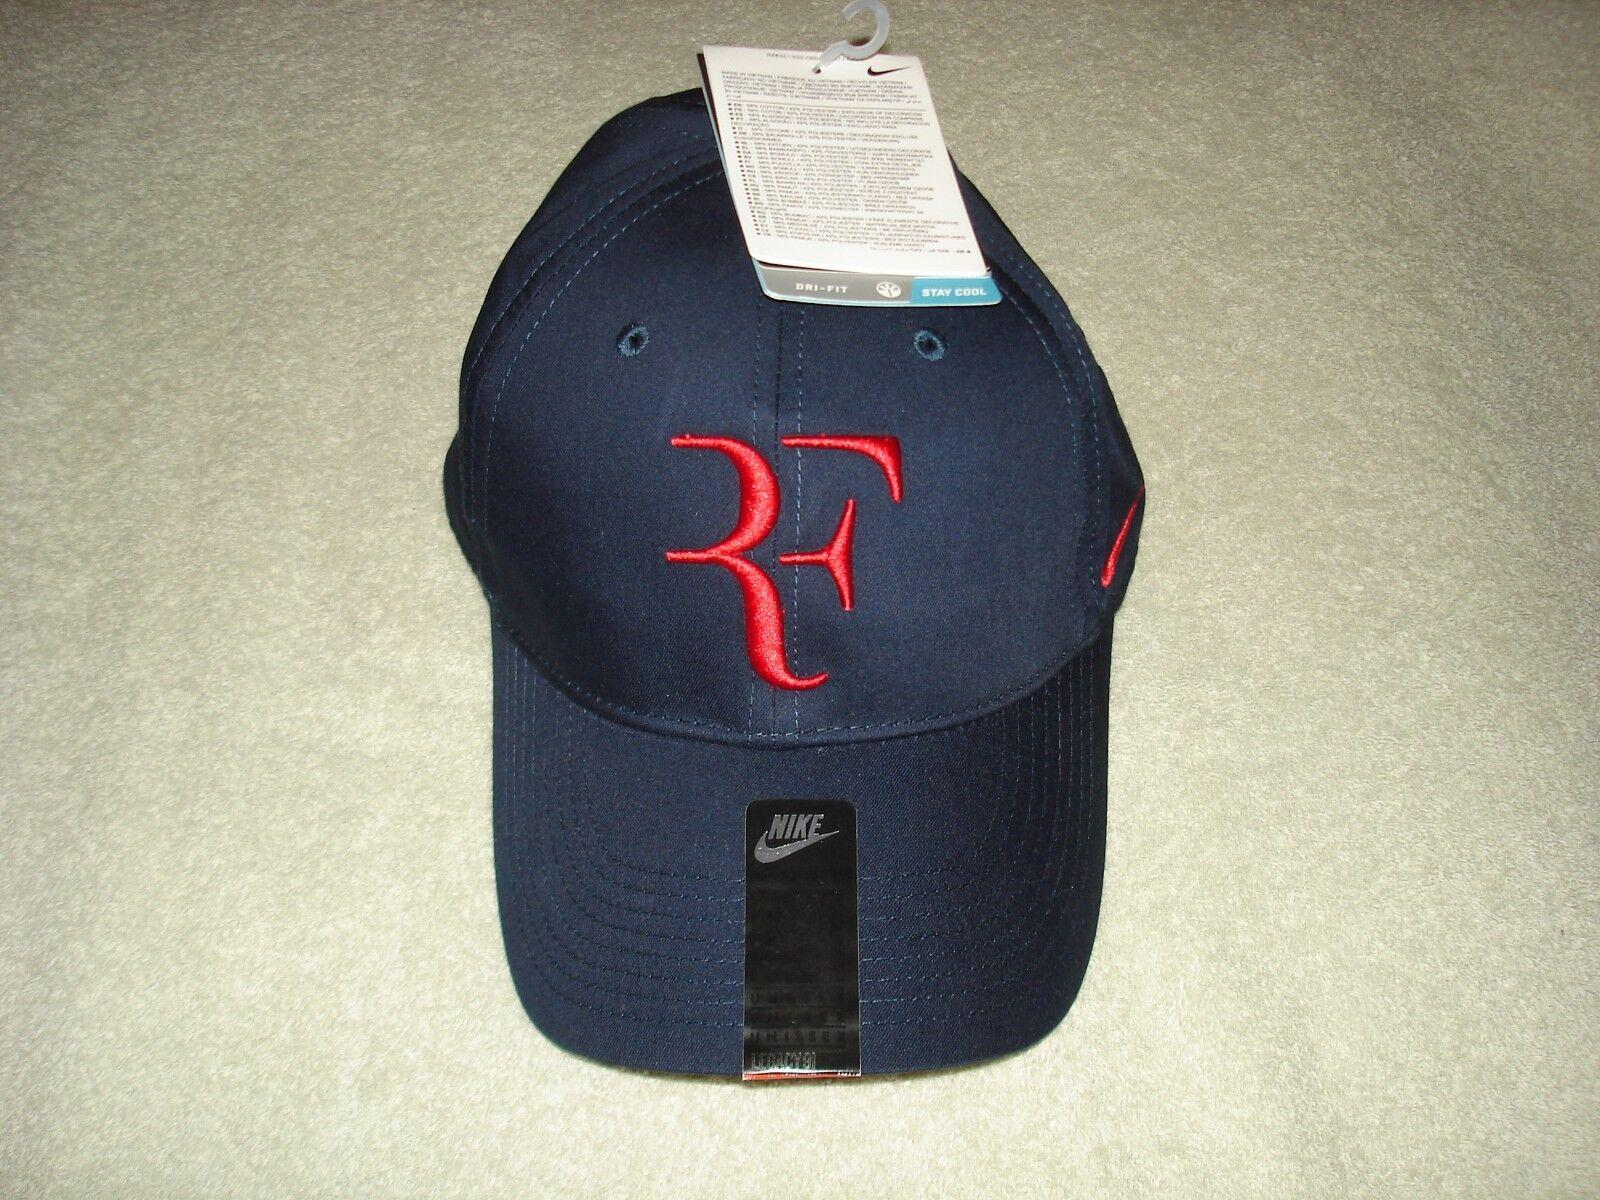 NWT Nike Federer RF Dri-FIT Tennis Obsidian Legacy 91 Hat Cap Obsidian Tennis 371202-451 Nadal 3c7a49